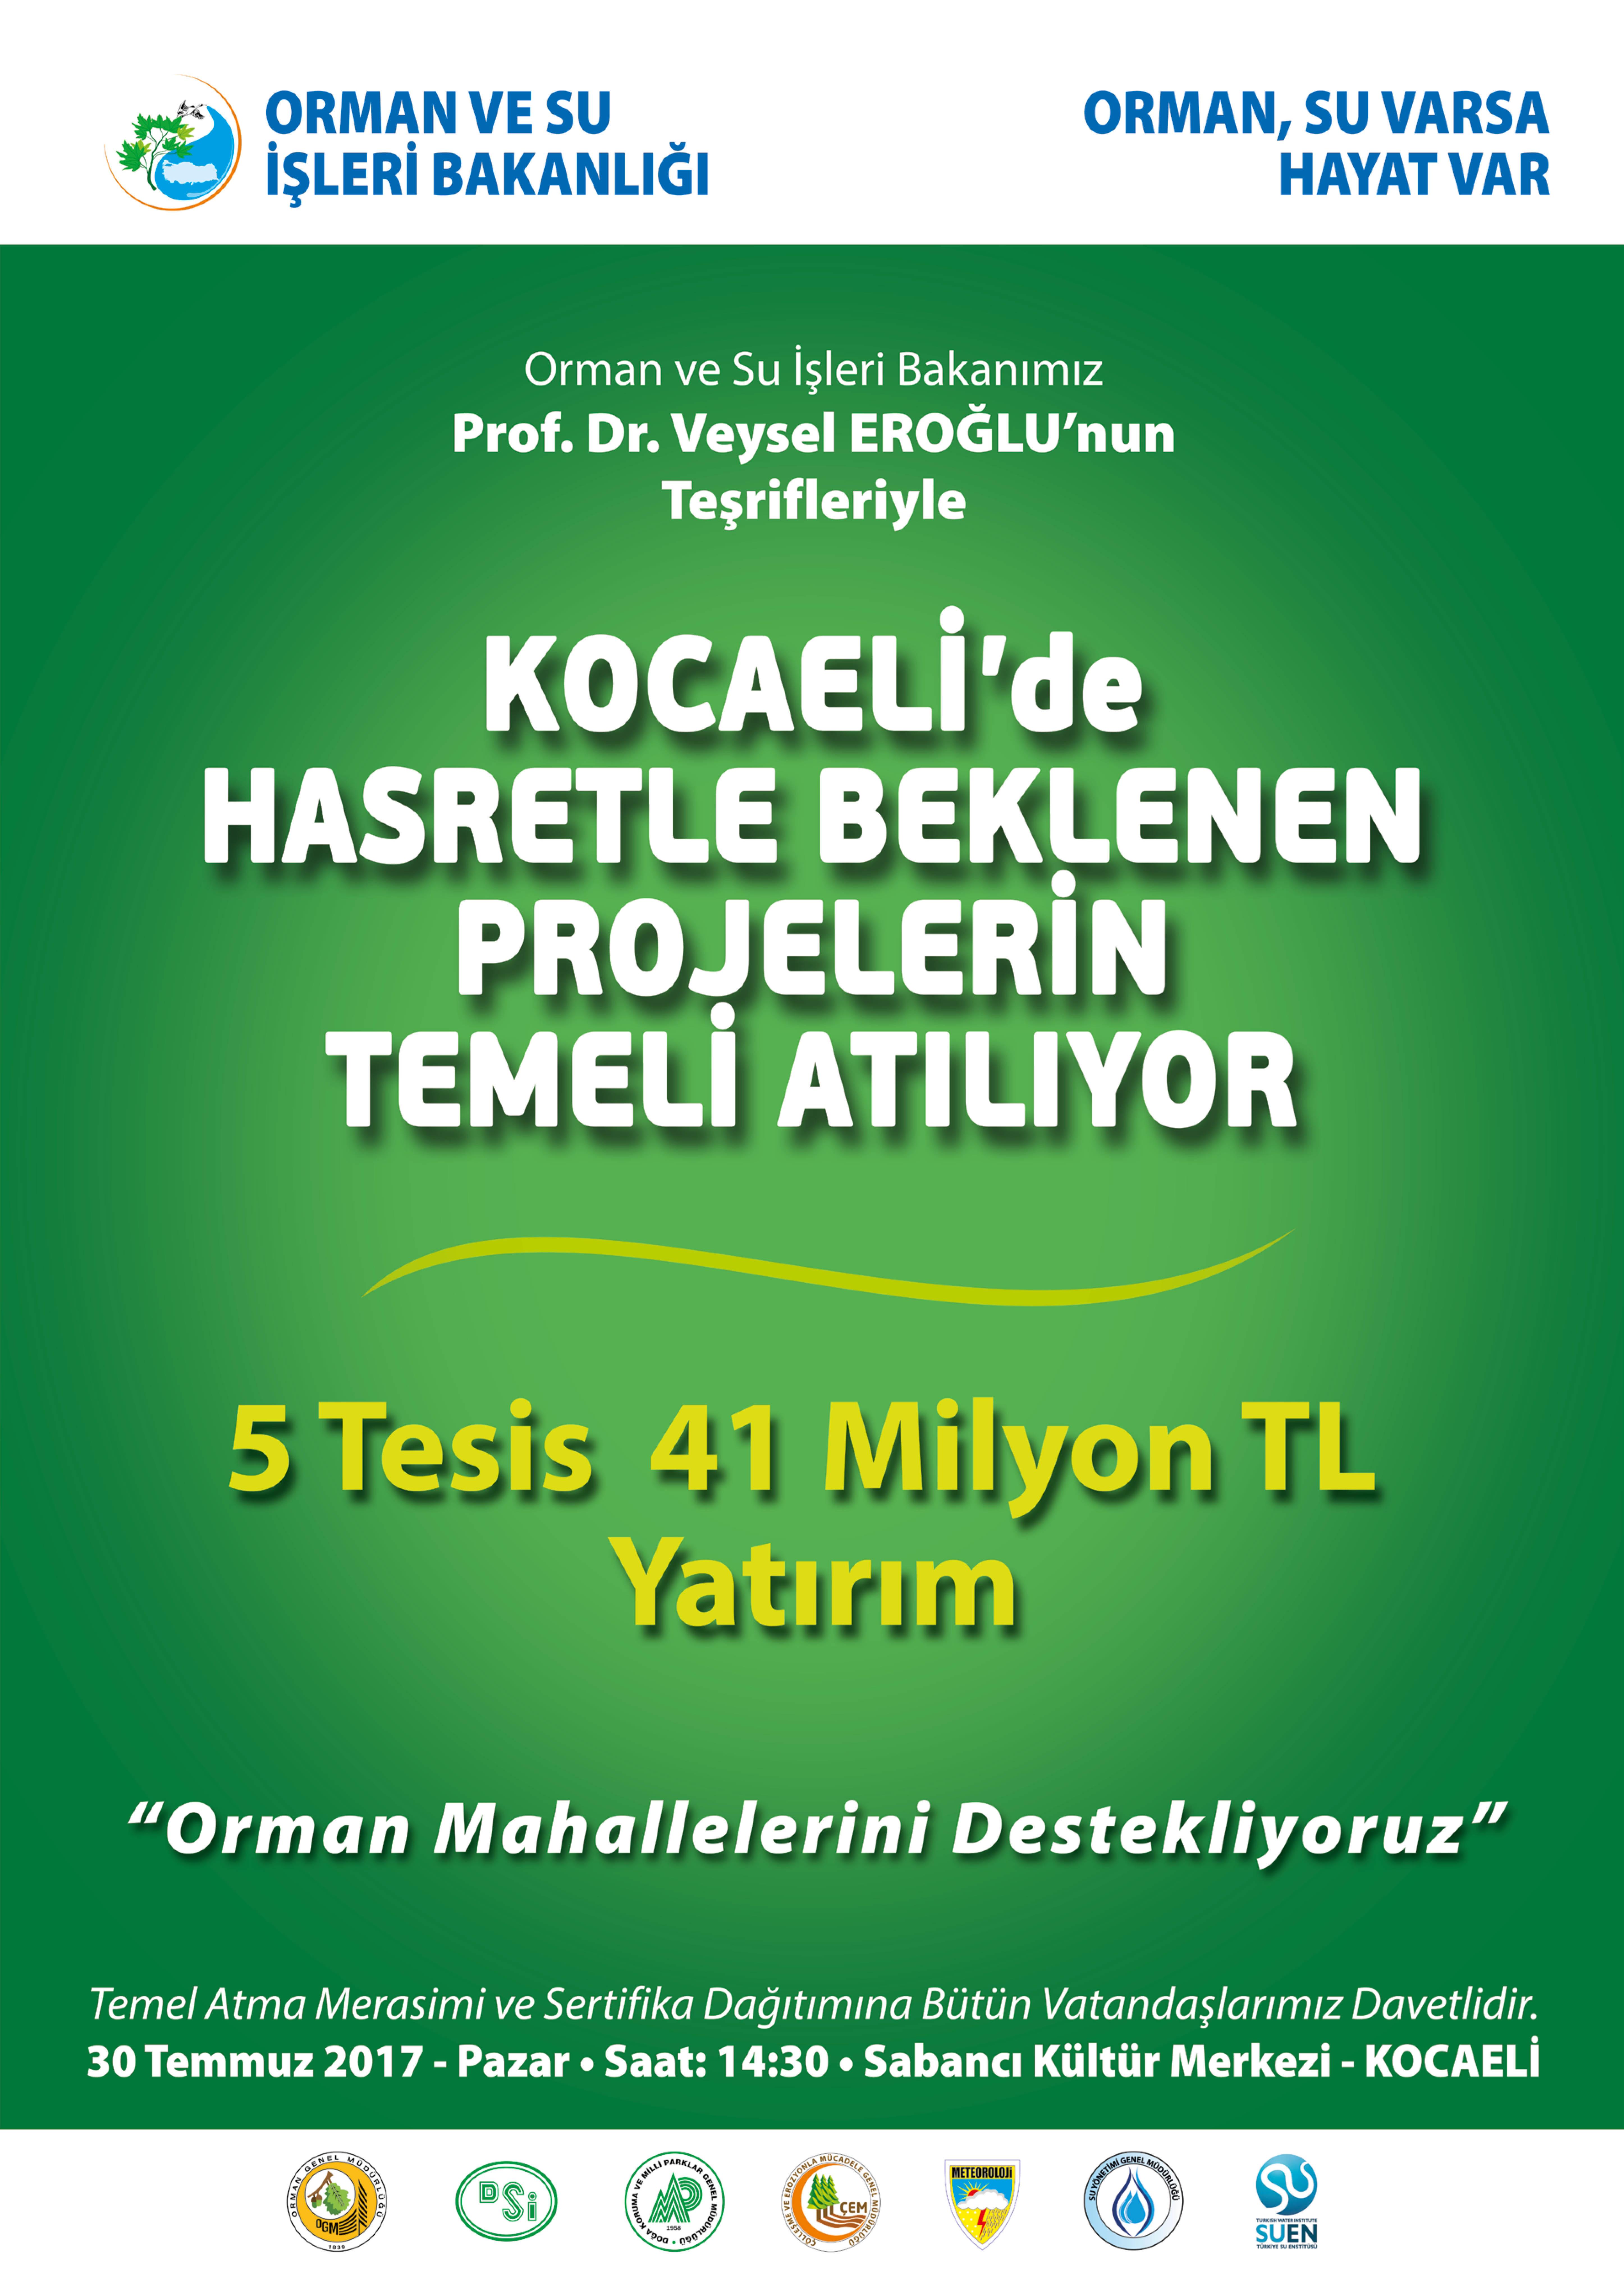 KOCAELİ'YE 5 TESİS KAZANDIRILIYOR…